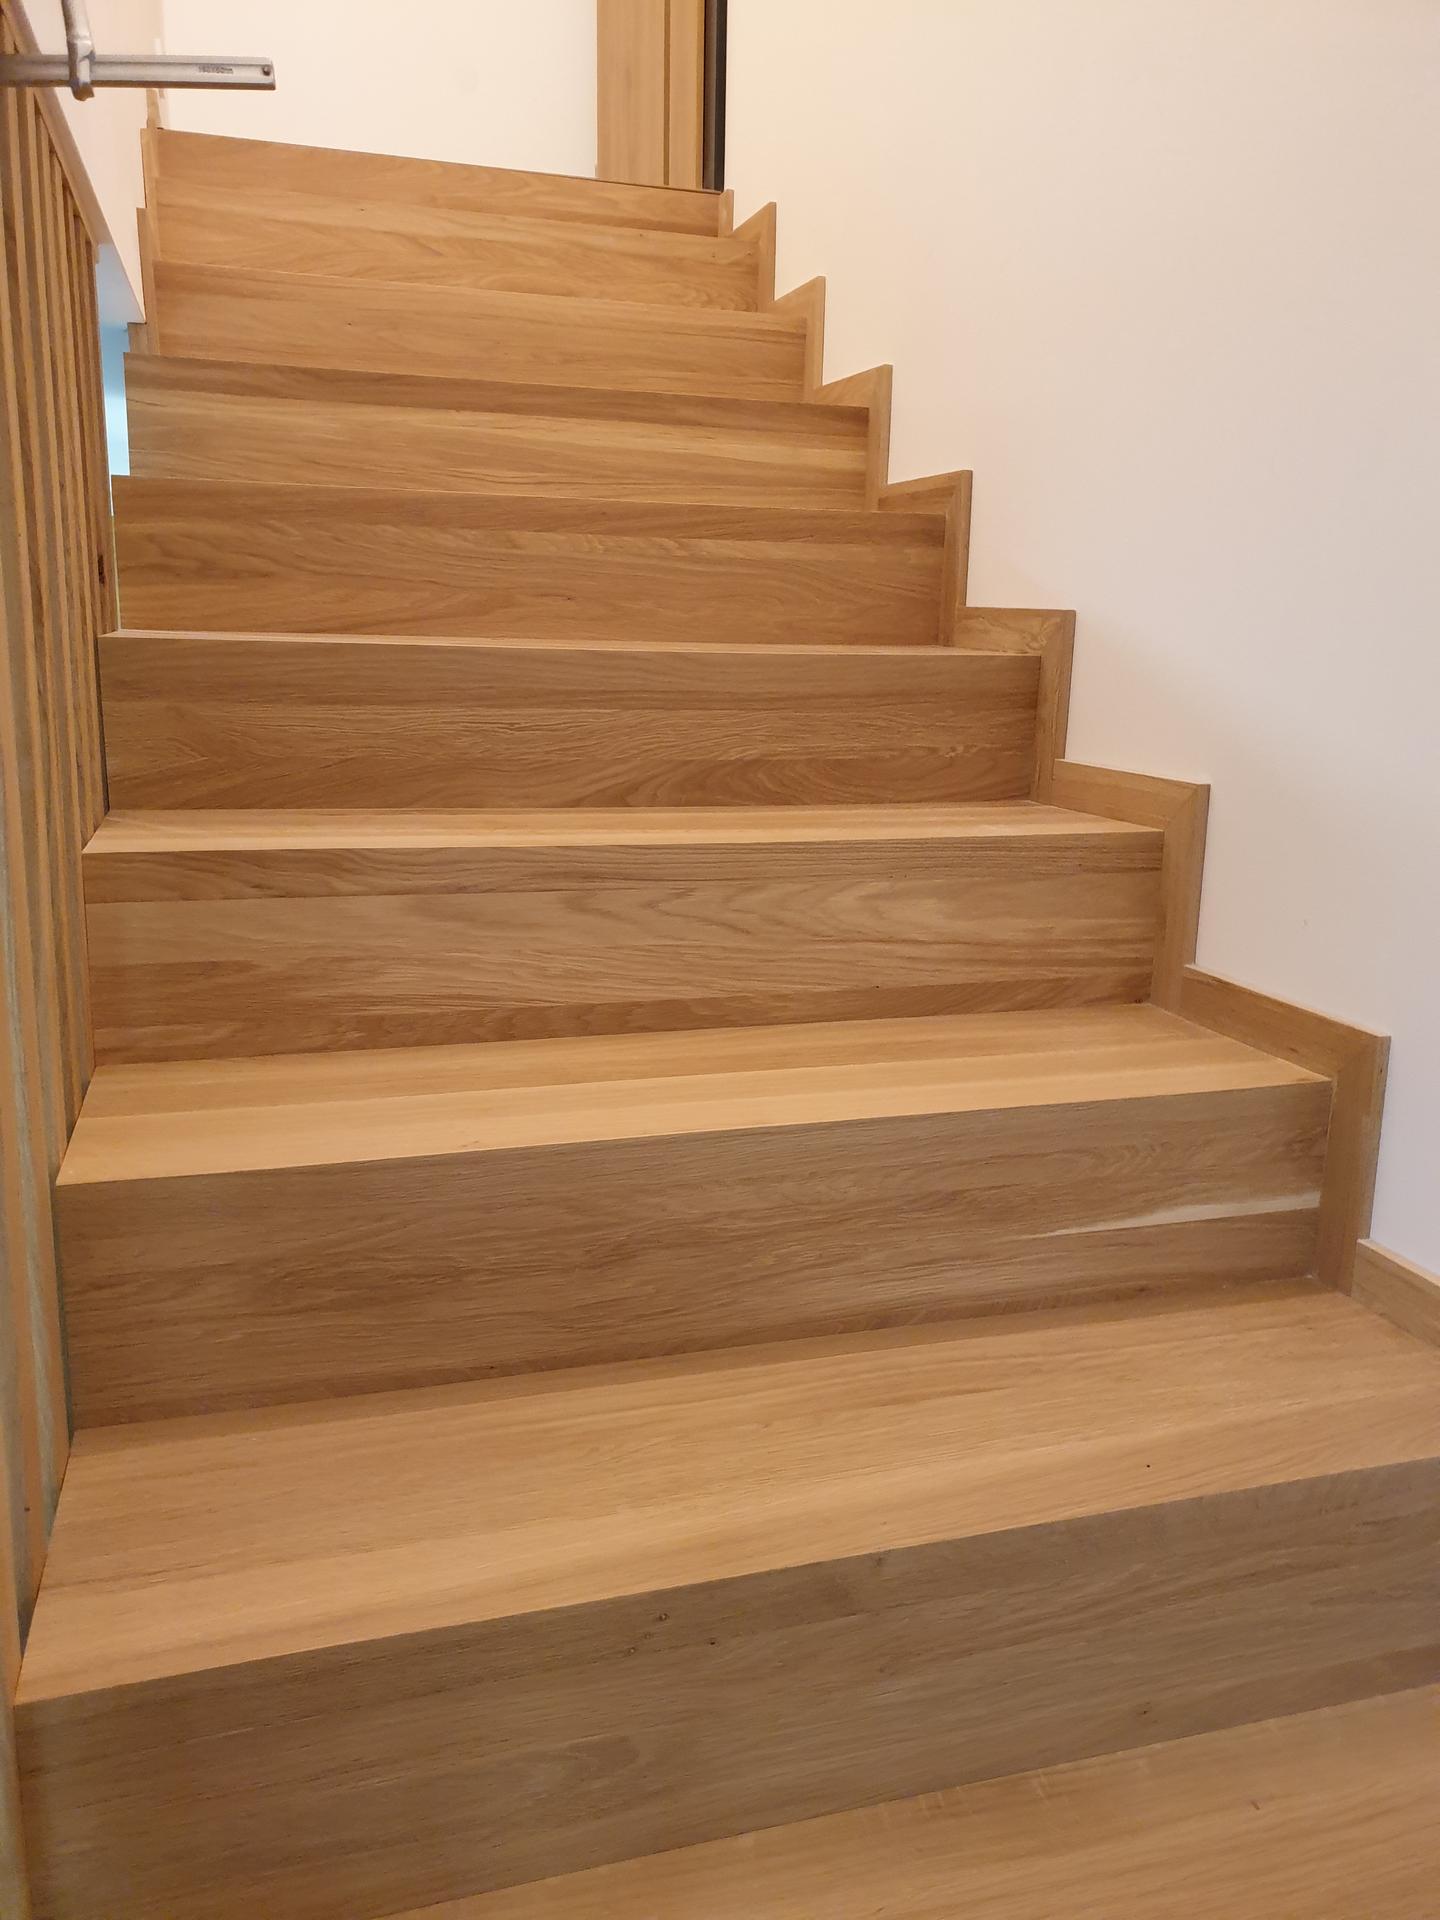 Moderné schodisko - DUB + lamely - Obrázok č. 21